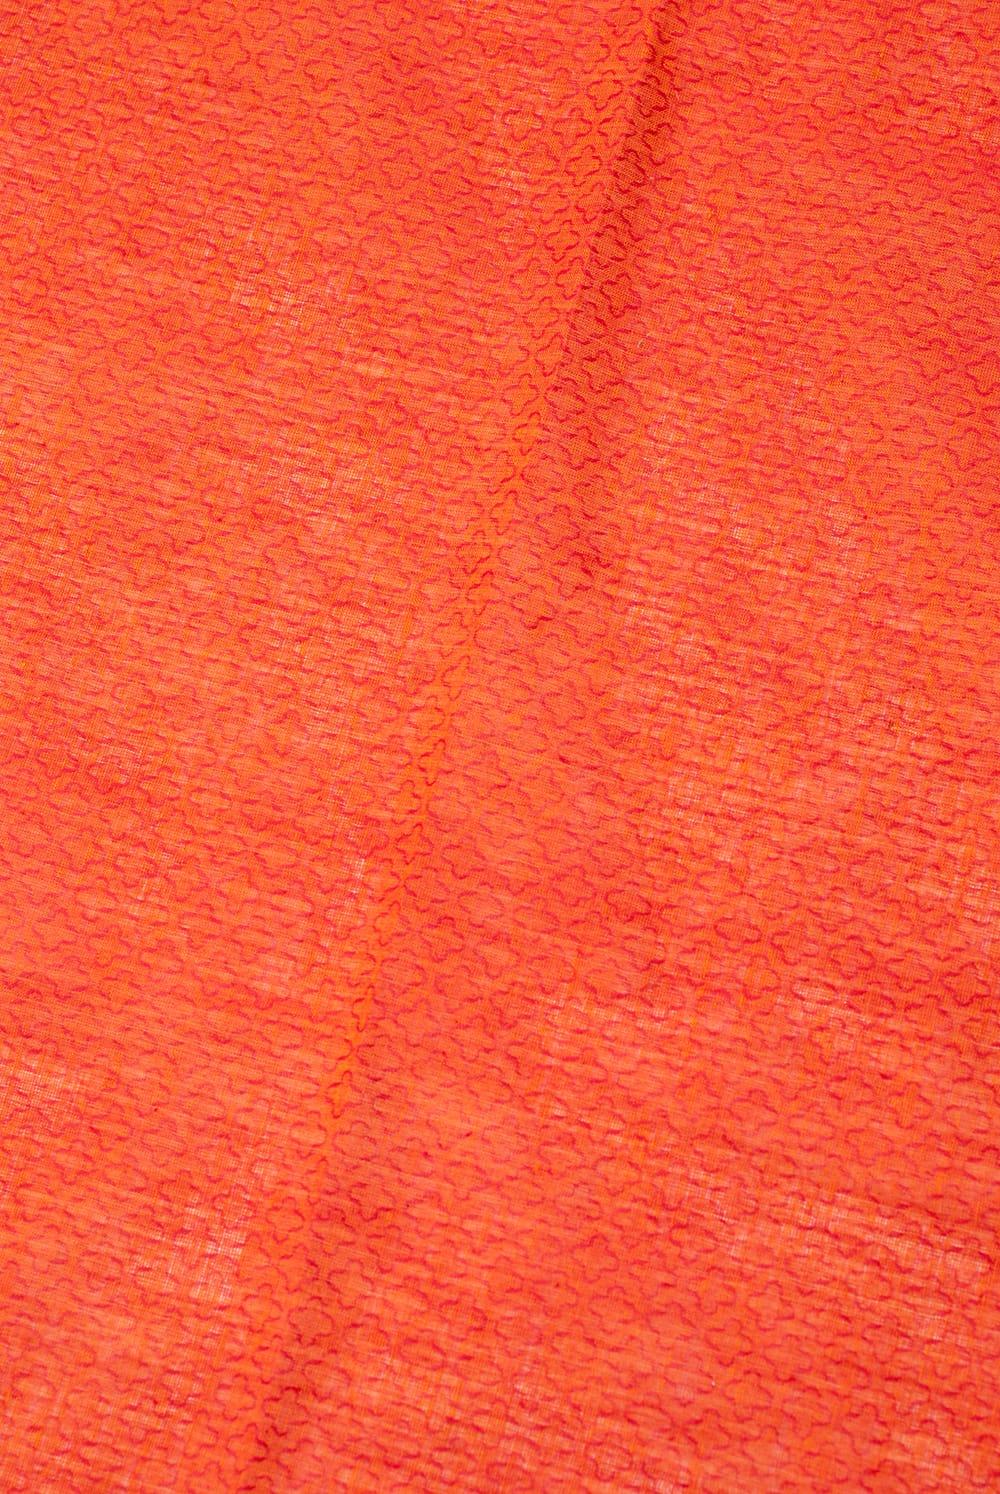 〔1m切り売り〕インドのシンプルコットン布 - 小花オレンジレッド 〔幅約110cm〕 3 - 少し離れてみてみました。